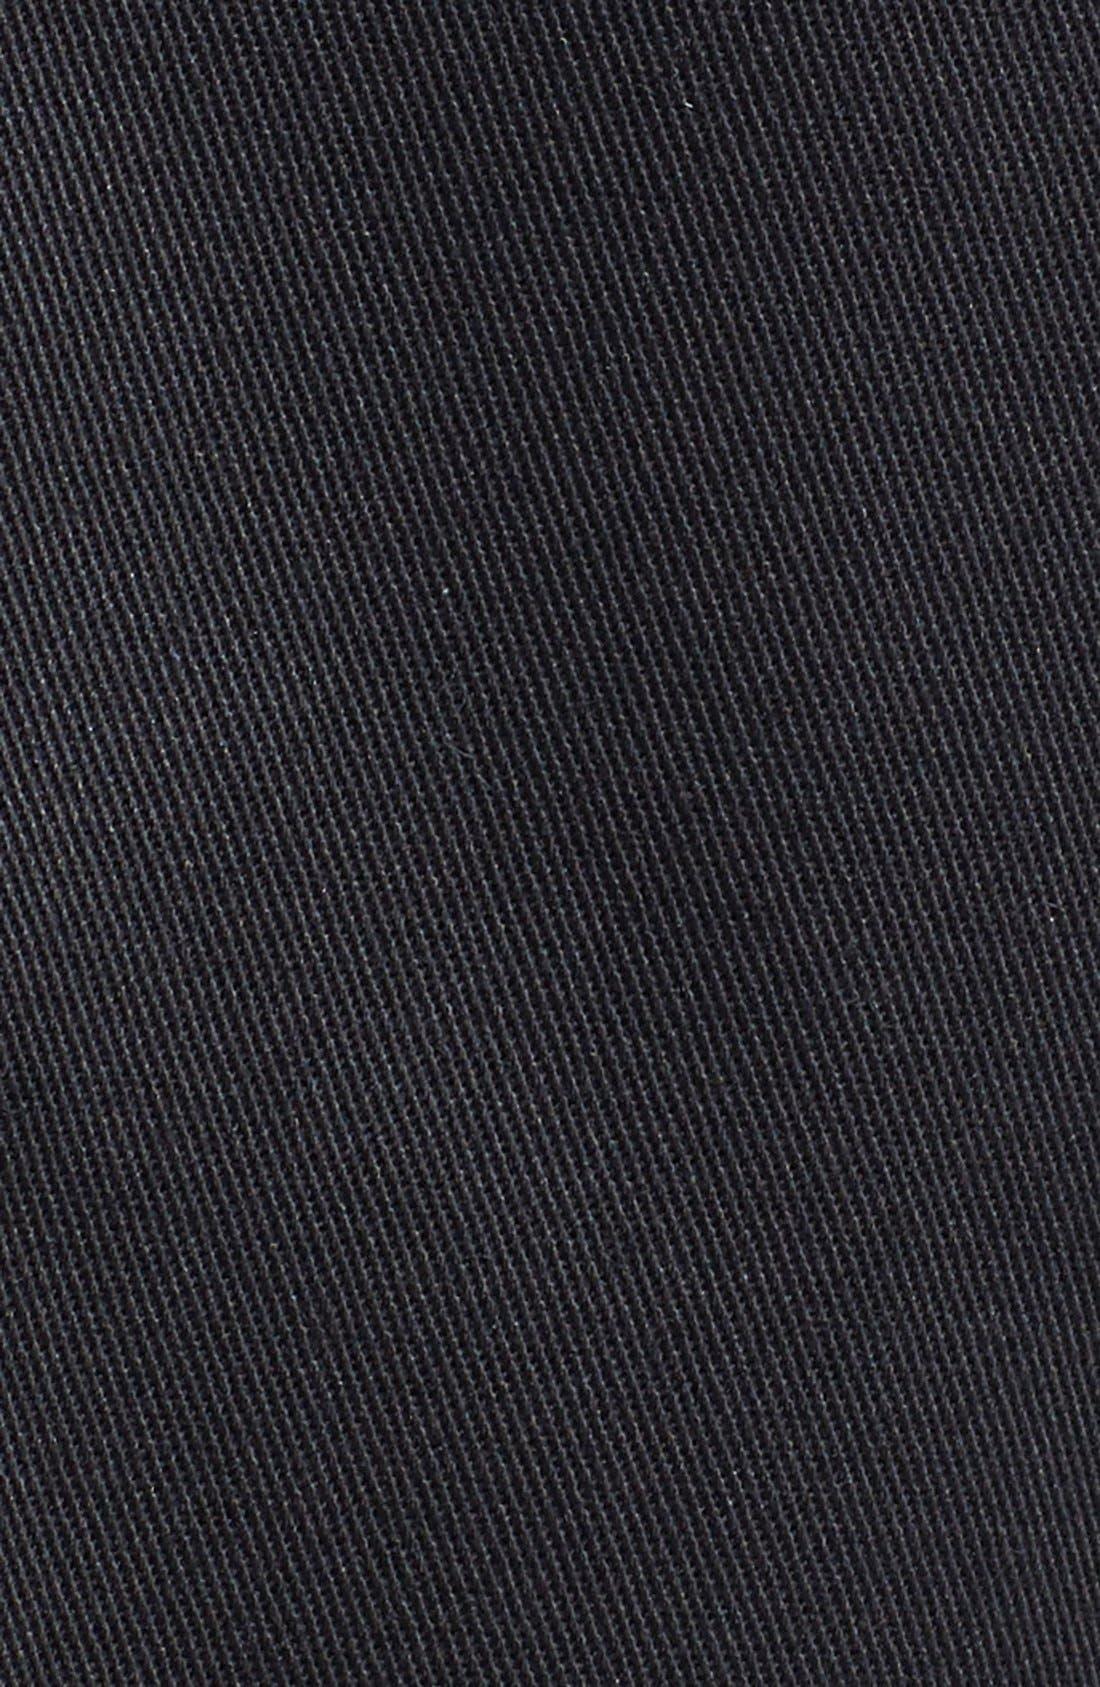 NORDSTROM MEN'S SHOP, Smartcare<sup>™</sup> Pleated Shorts, Alternate thumbnail 3, color, BLACK